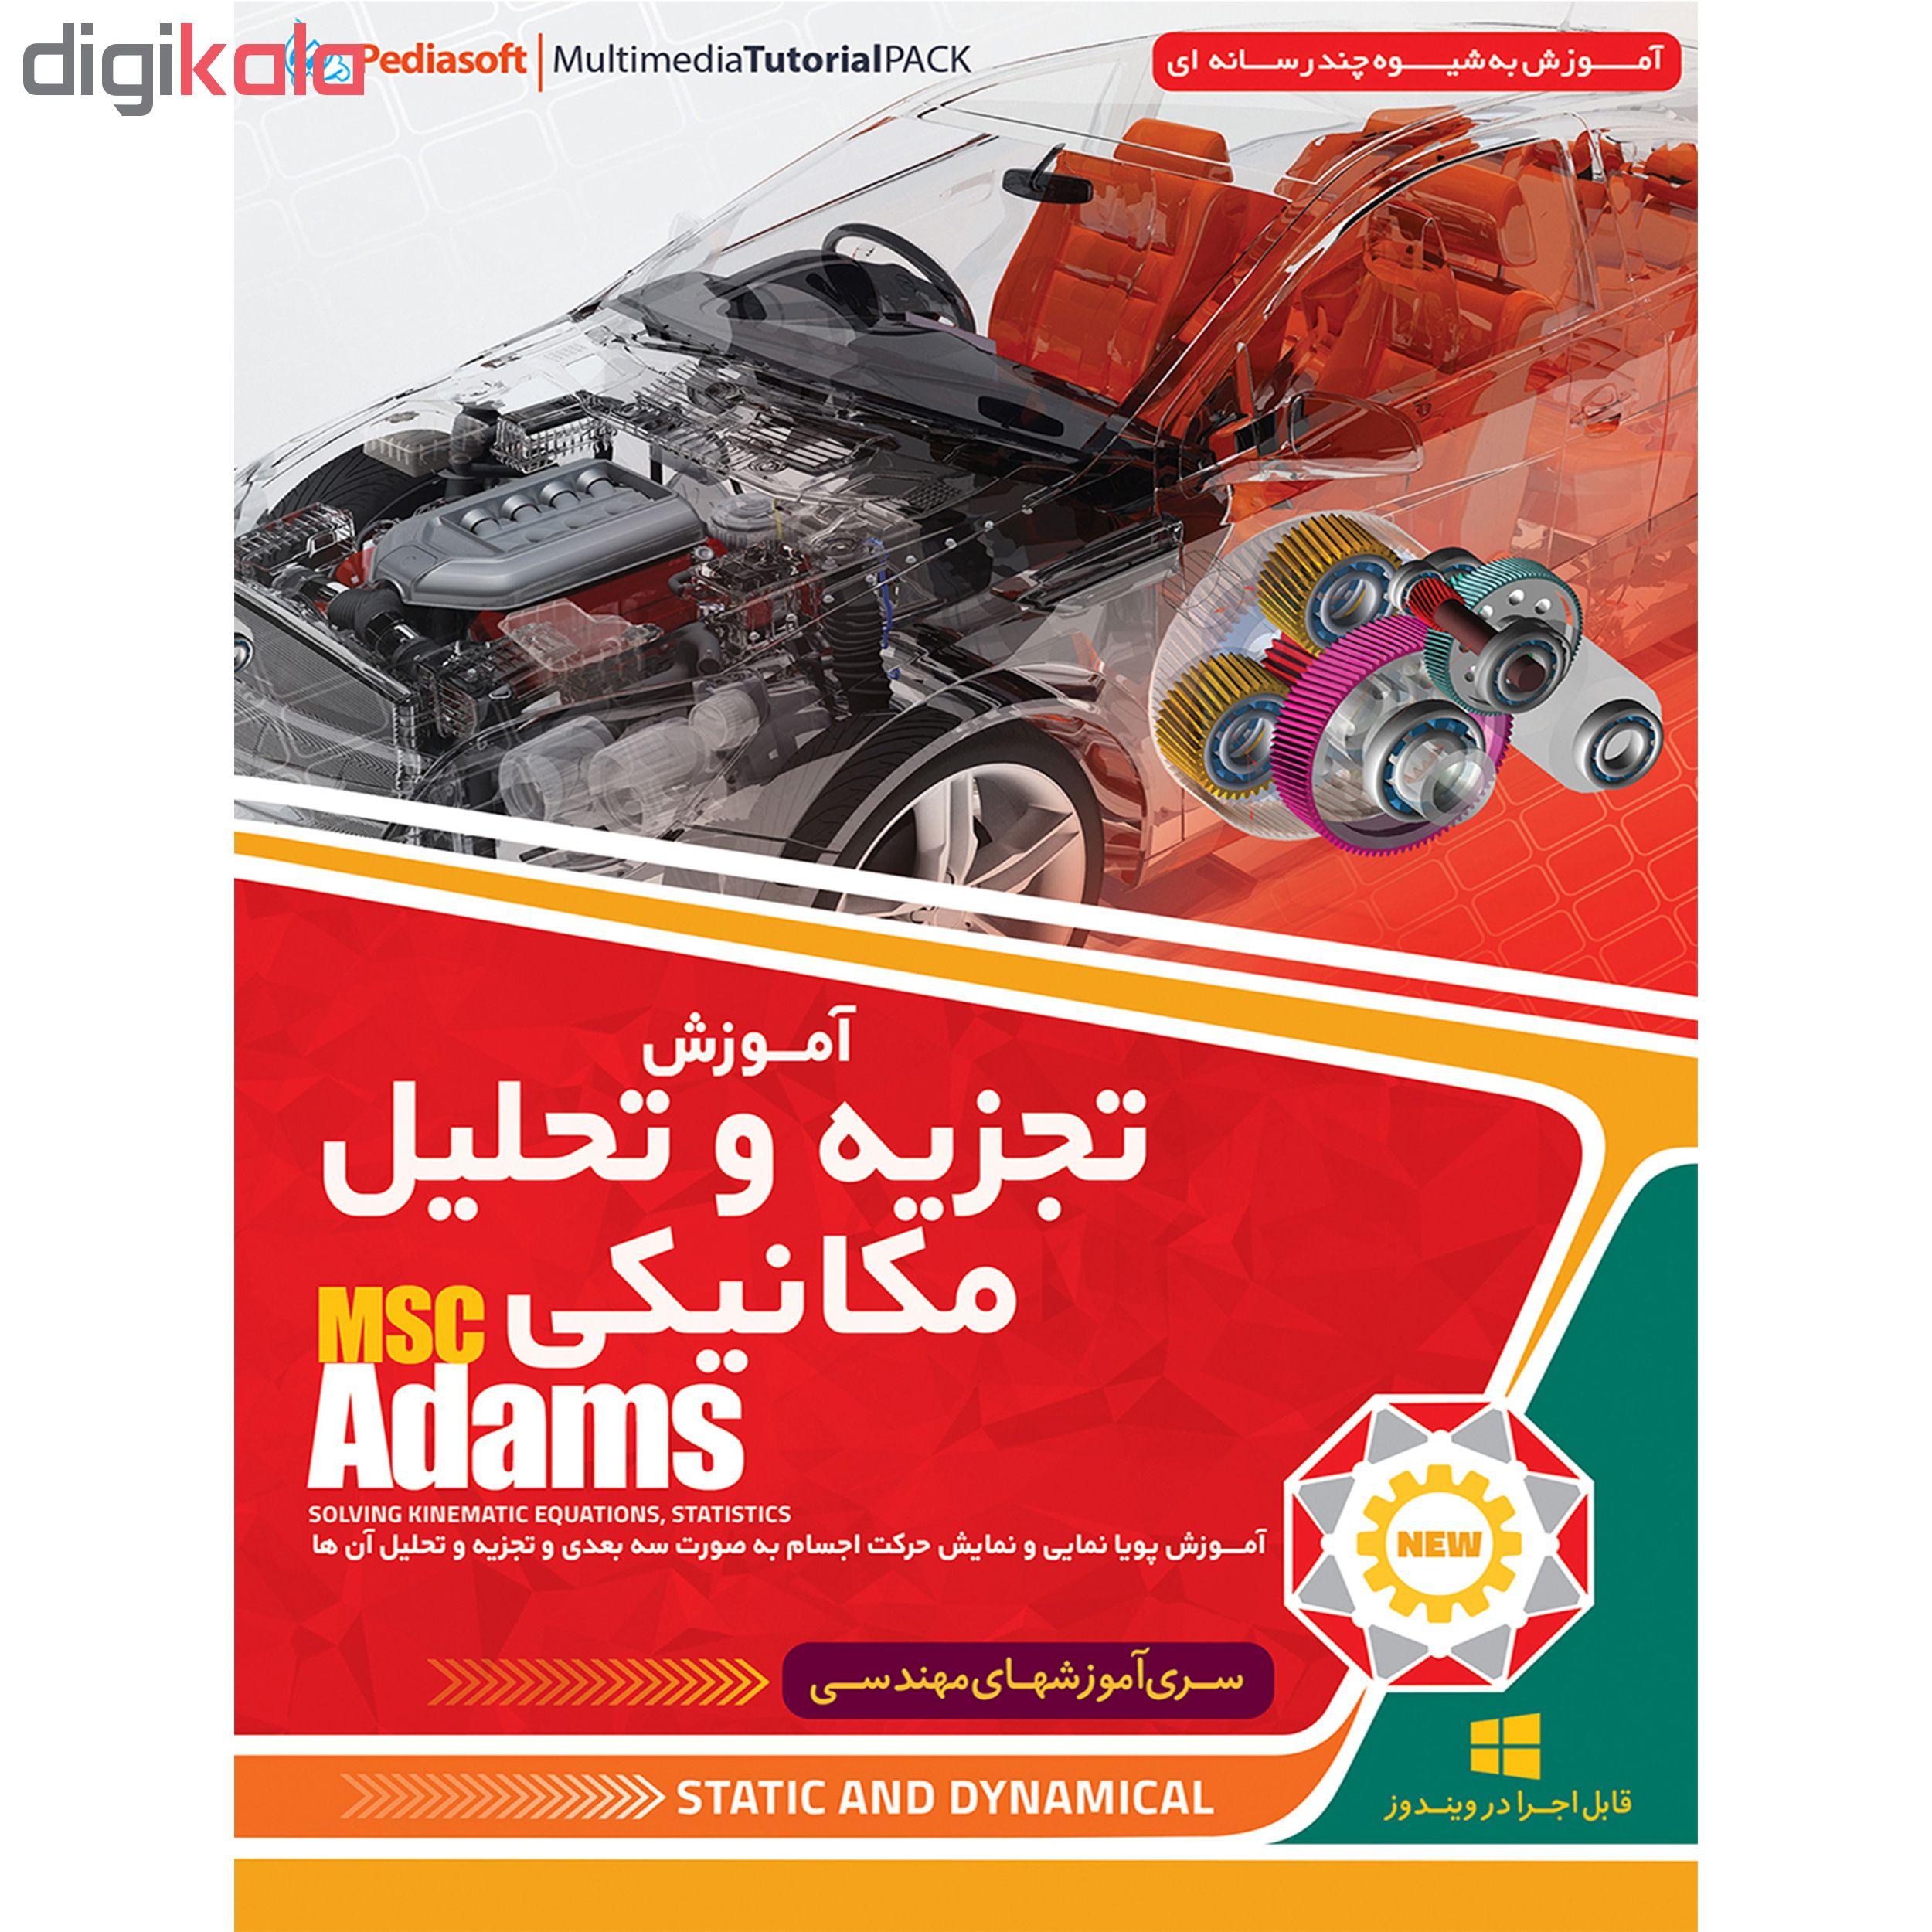 نرم افزار آموزش تجزیه و تحلیل مکانیکی MSC ADAMS نشر پدیا سافت به همراه نرم افزار آموزش ABAQUS نشر پدیده